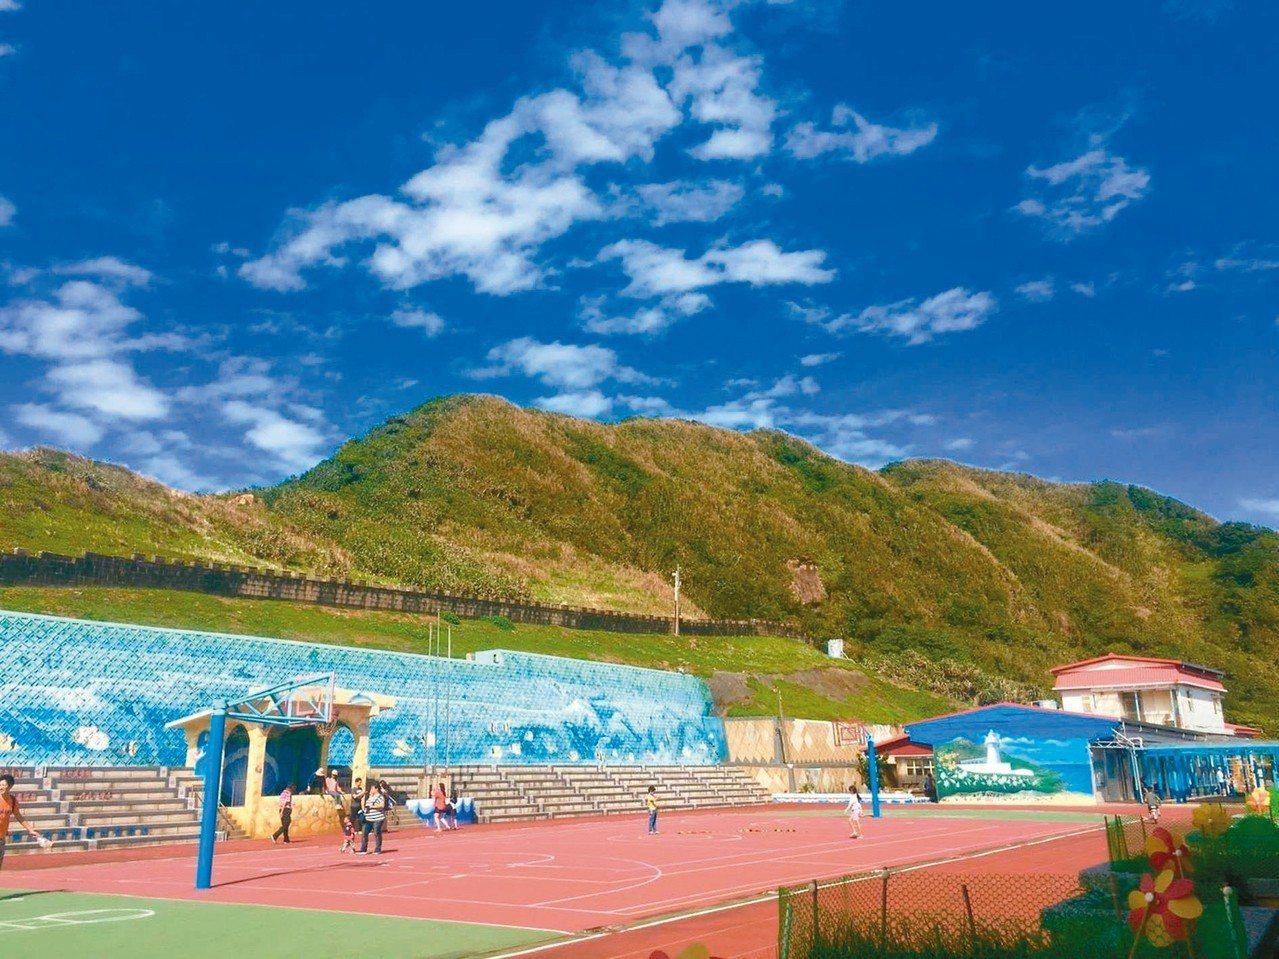 鼻頭國小校園即可欣賞美麗的海蝕平台,被譽為全台最美海邊學校。 圖/鼻頭國小提供